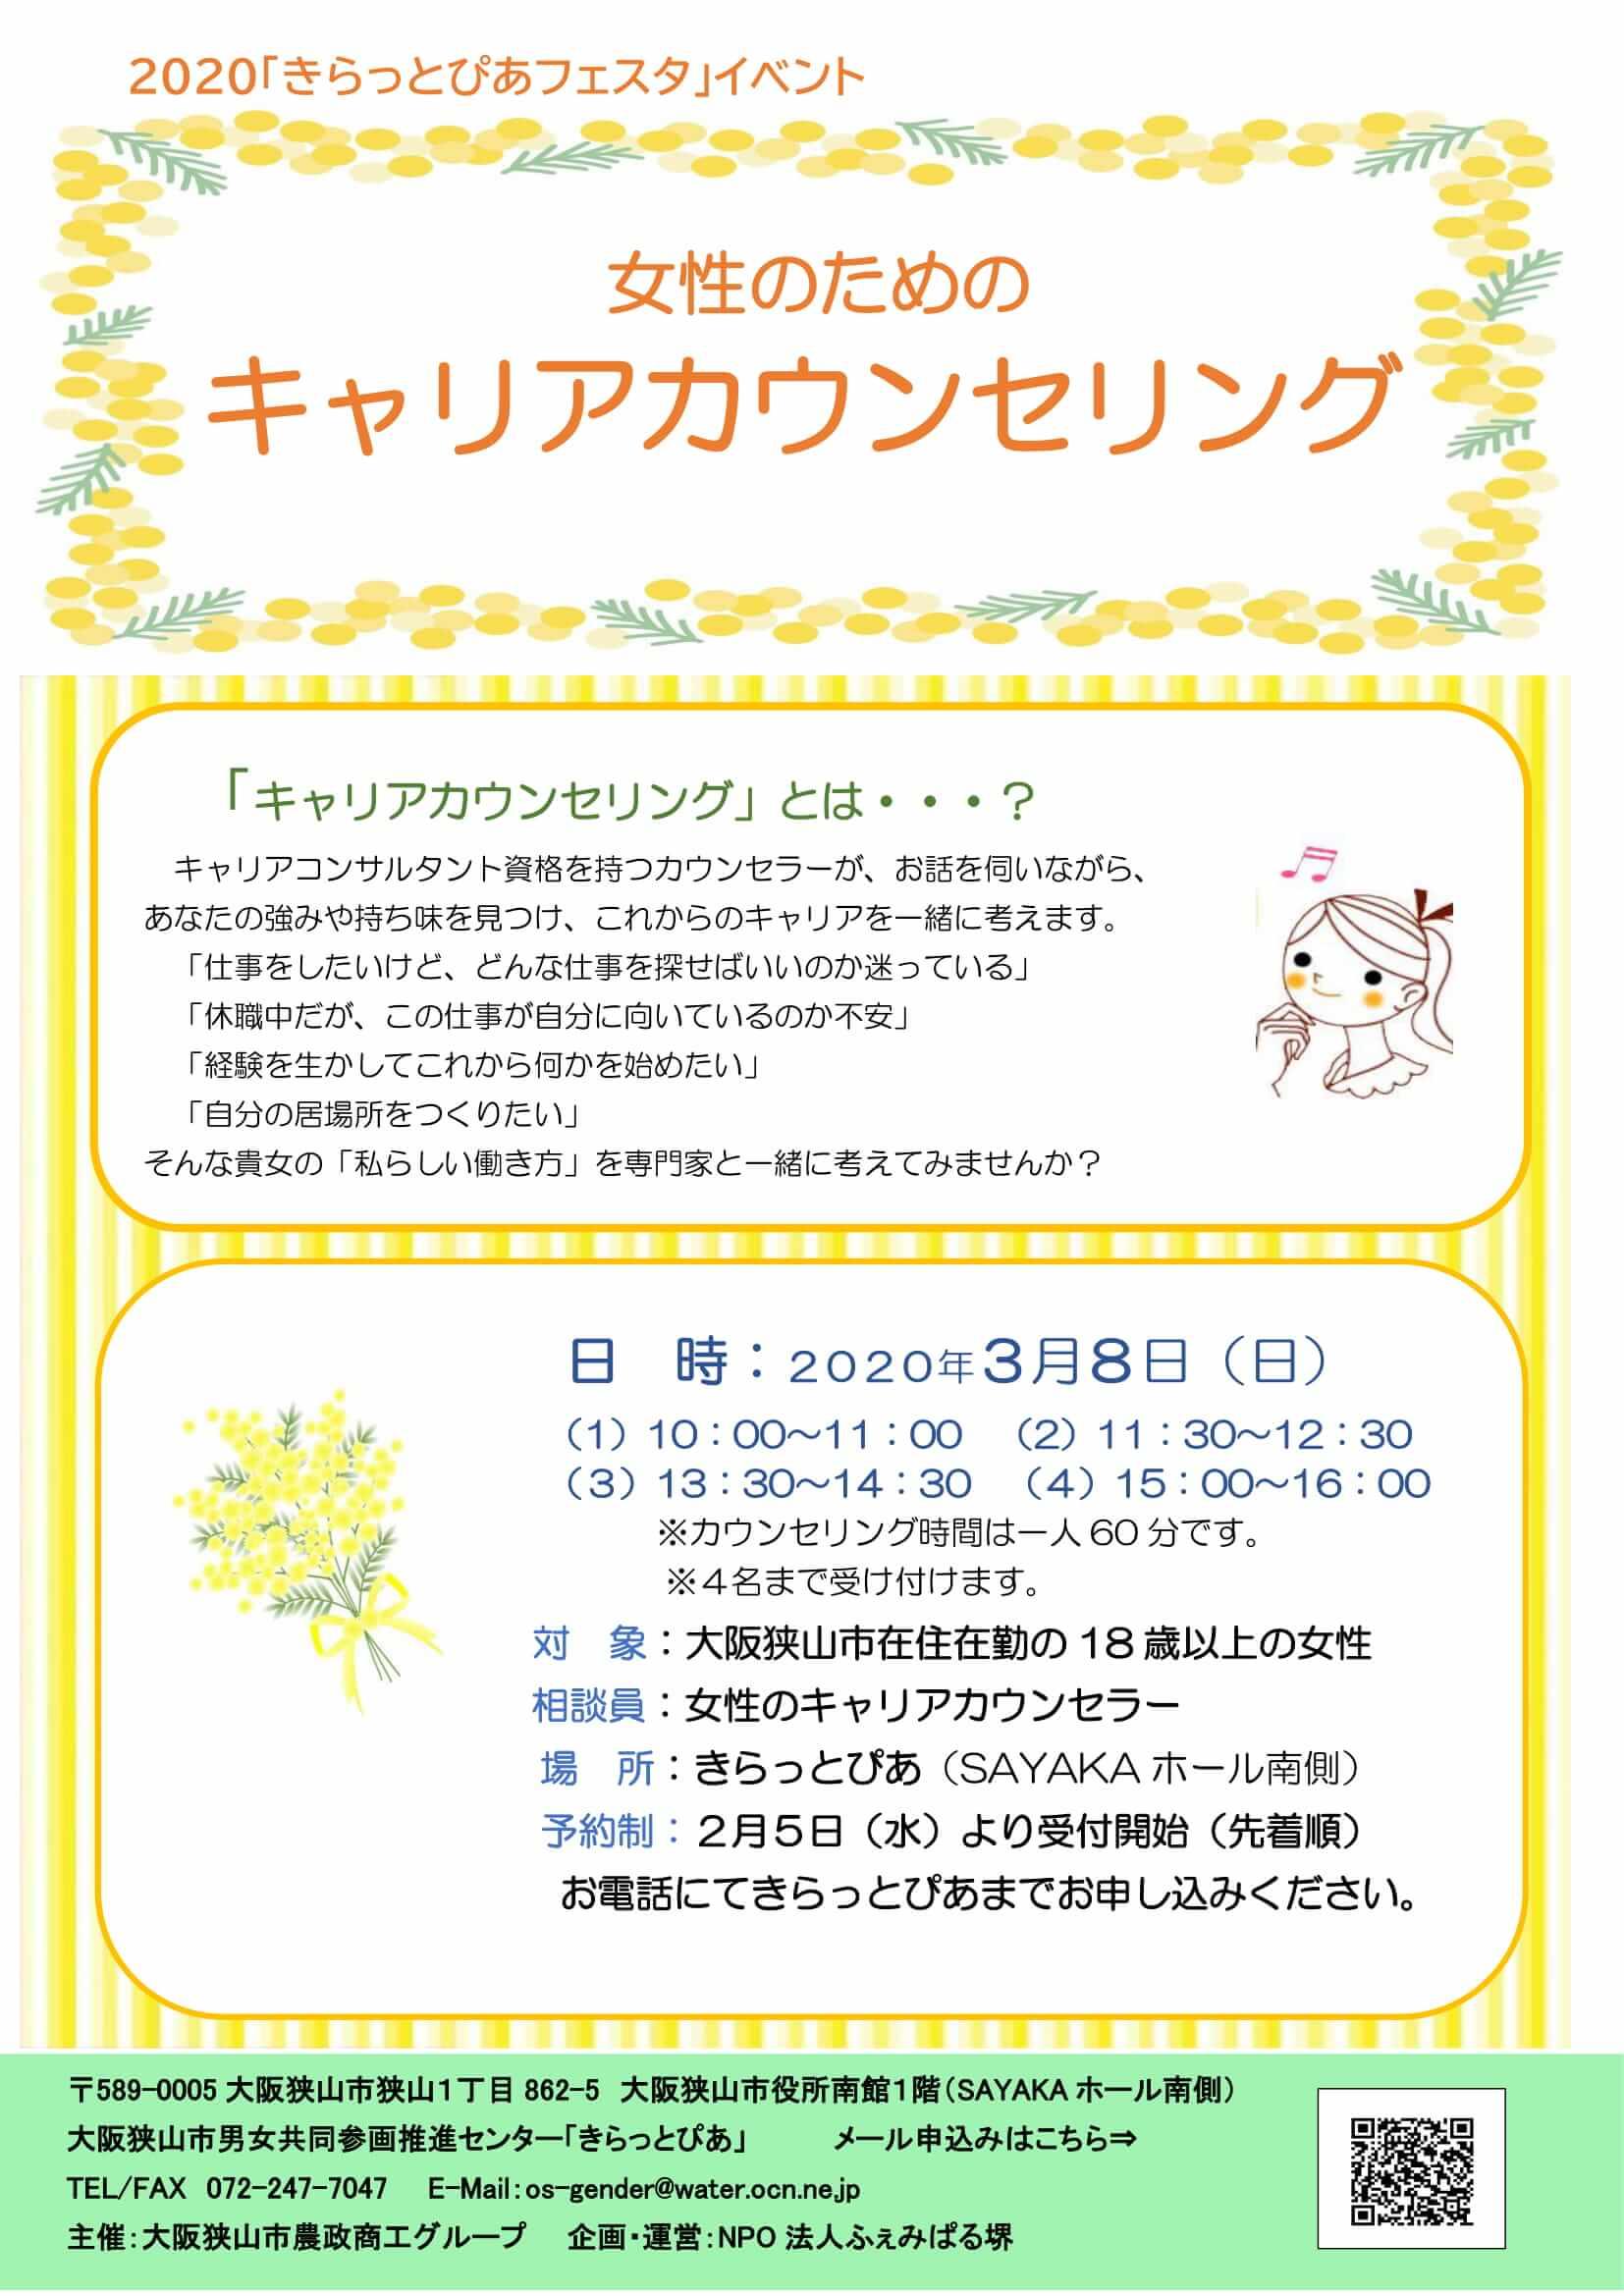 「きらっとぴあフェスタ」を2020年3月8日に開催します (3)